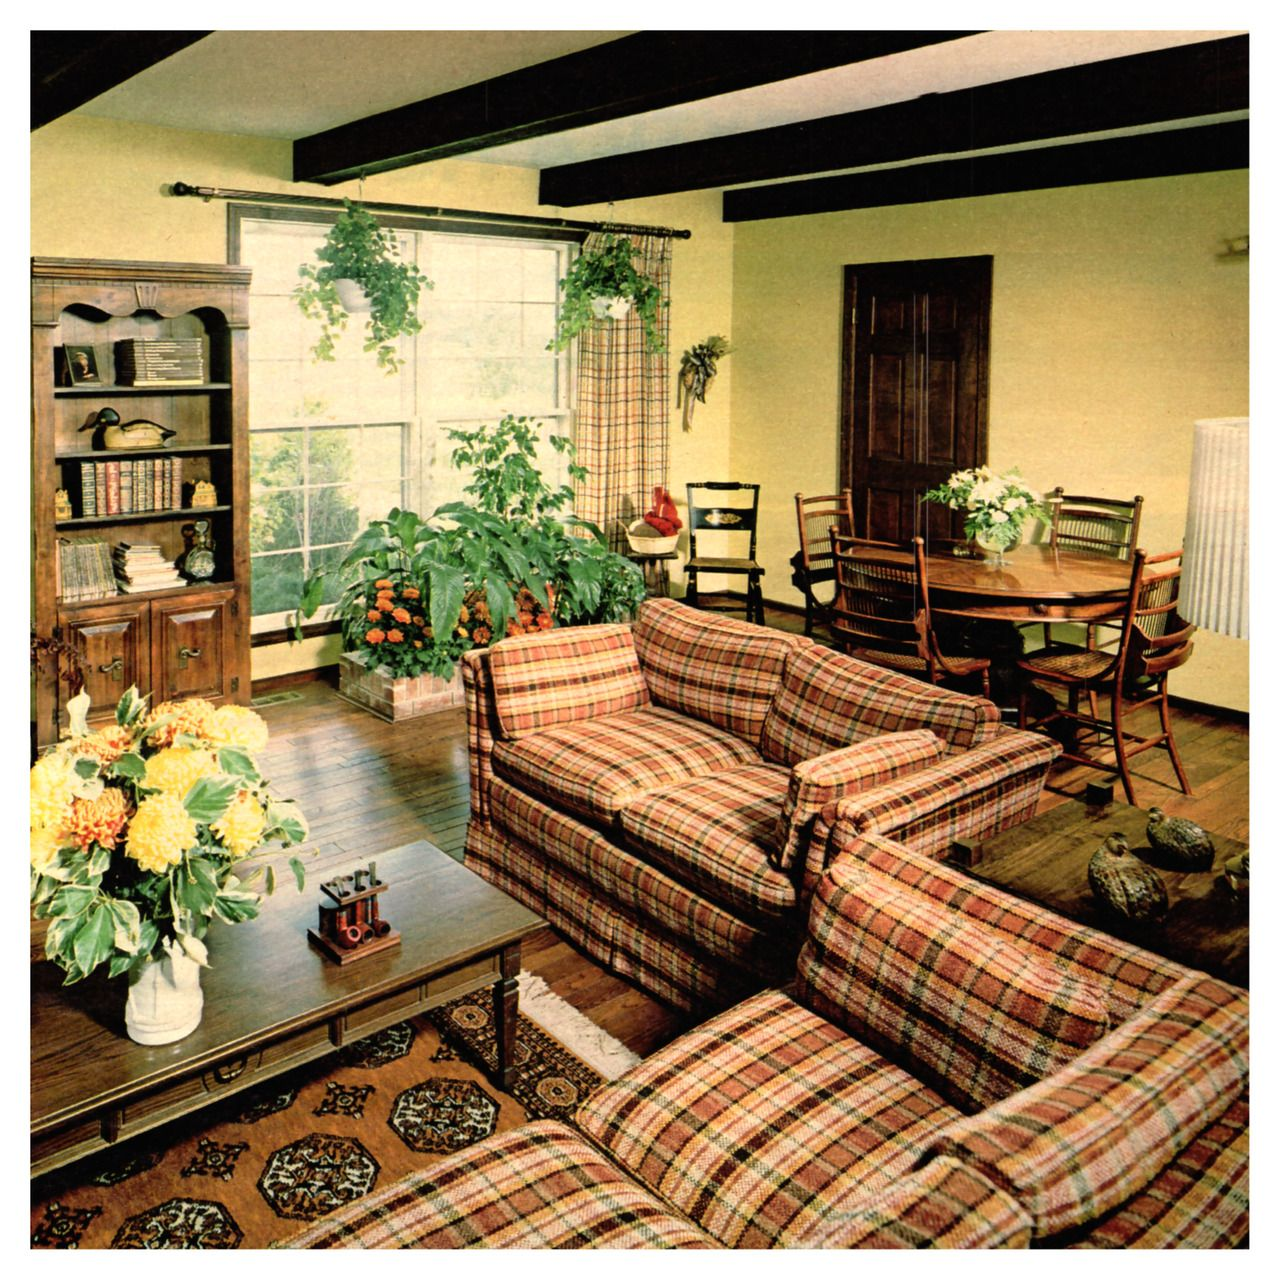 Living Room Decor 1979 The Giki Tiki Room Decor Living Room